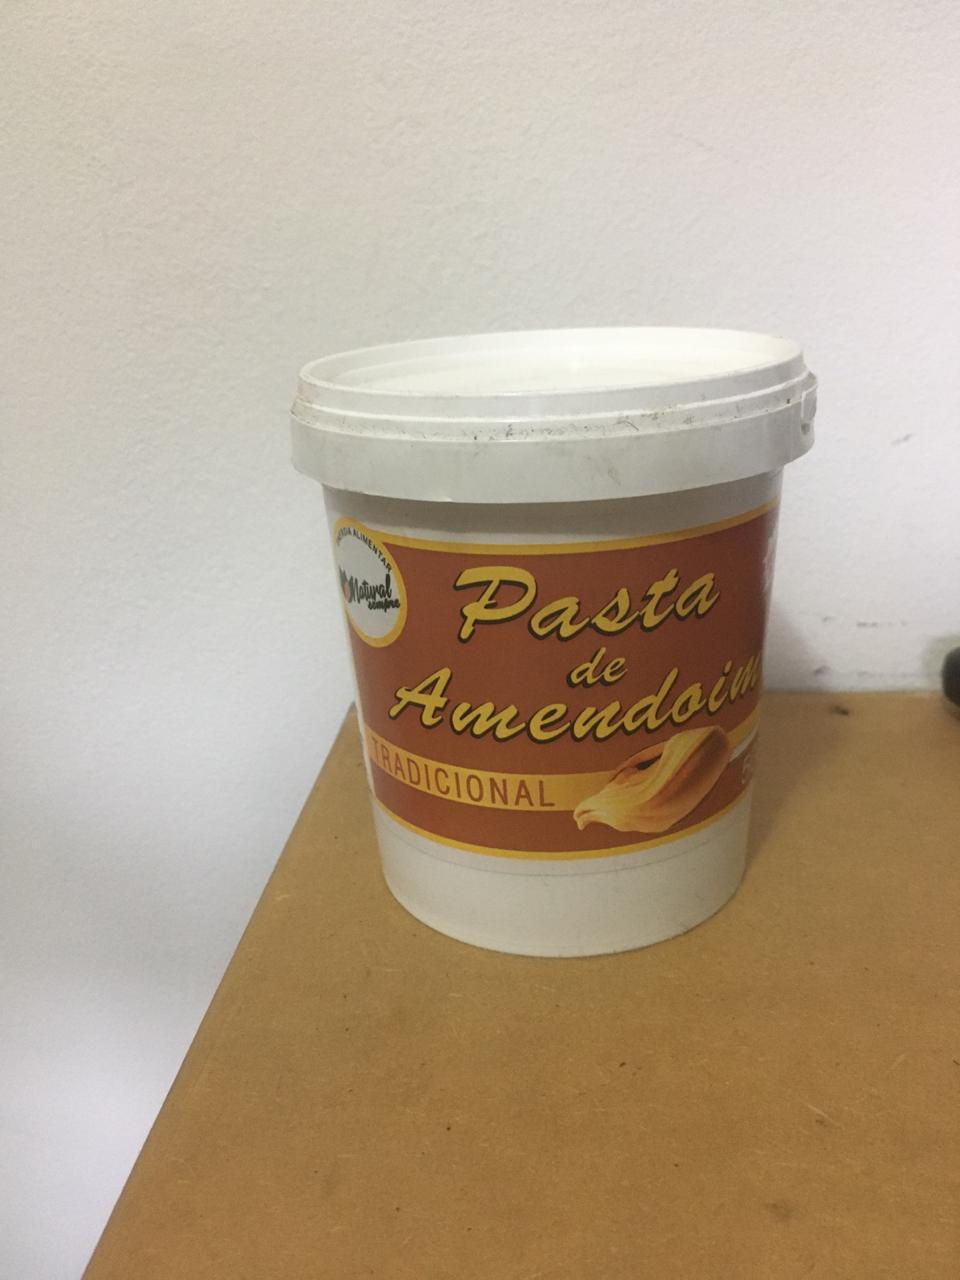 Pasta de Amendoin Tradicional  - Casa do Mel